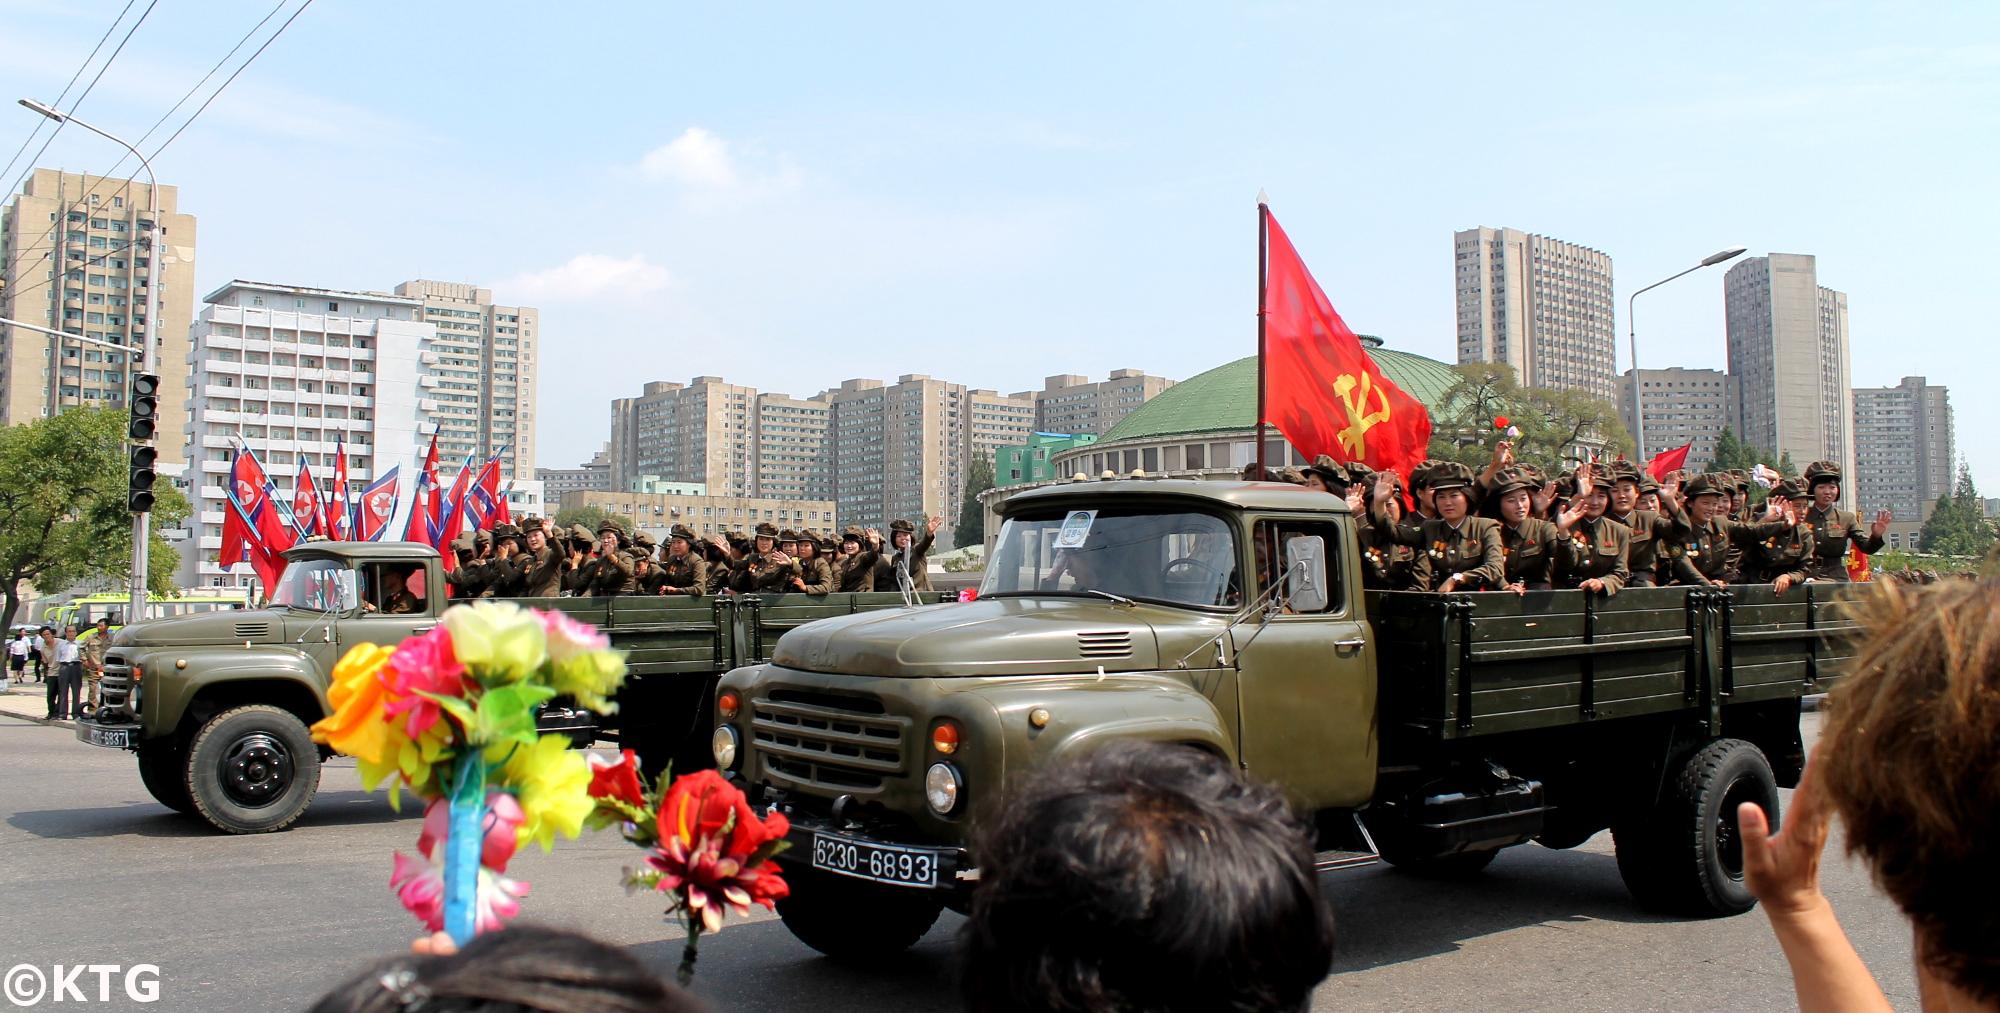 Camions militaires nord-coréens le 9.9 Fête nationale à Pyongyang, capitale de la RPDC. KTG Tours